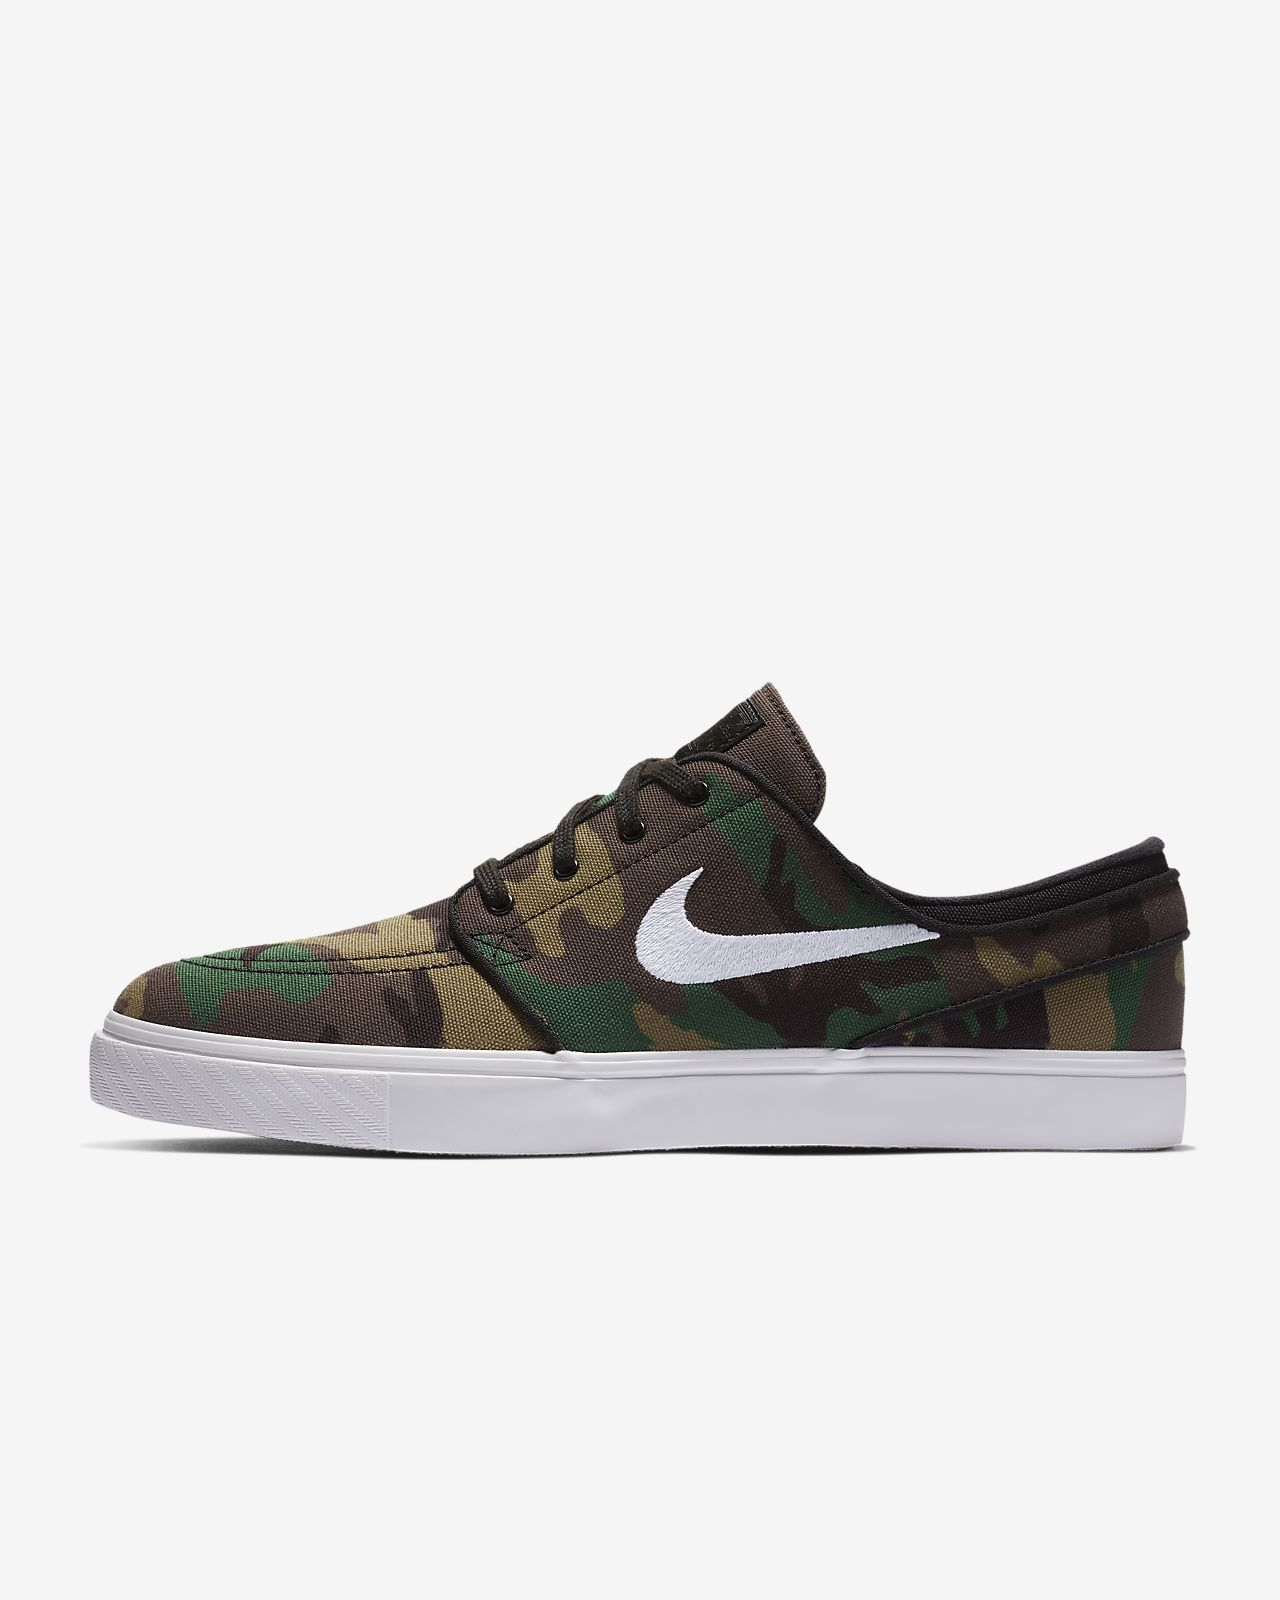 Pánská skateboardová bota Nike SB Zoom Stefan Janoski Canvas. Nike ... 7497d2e417